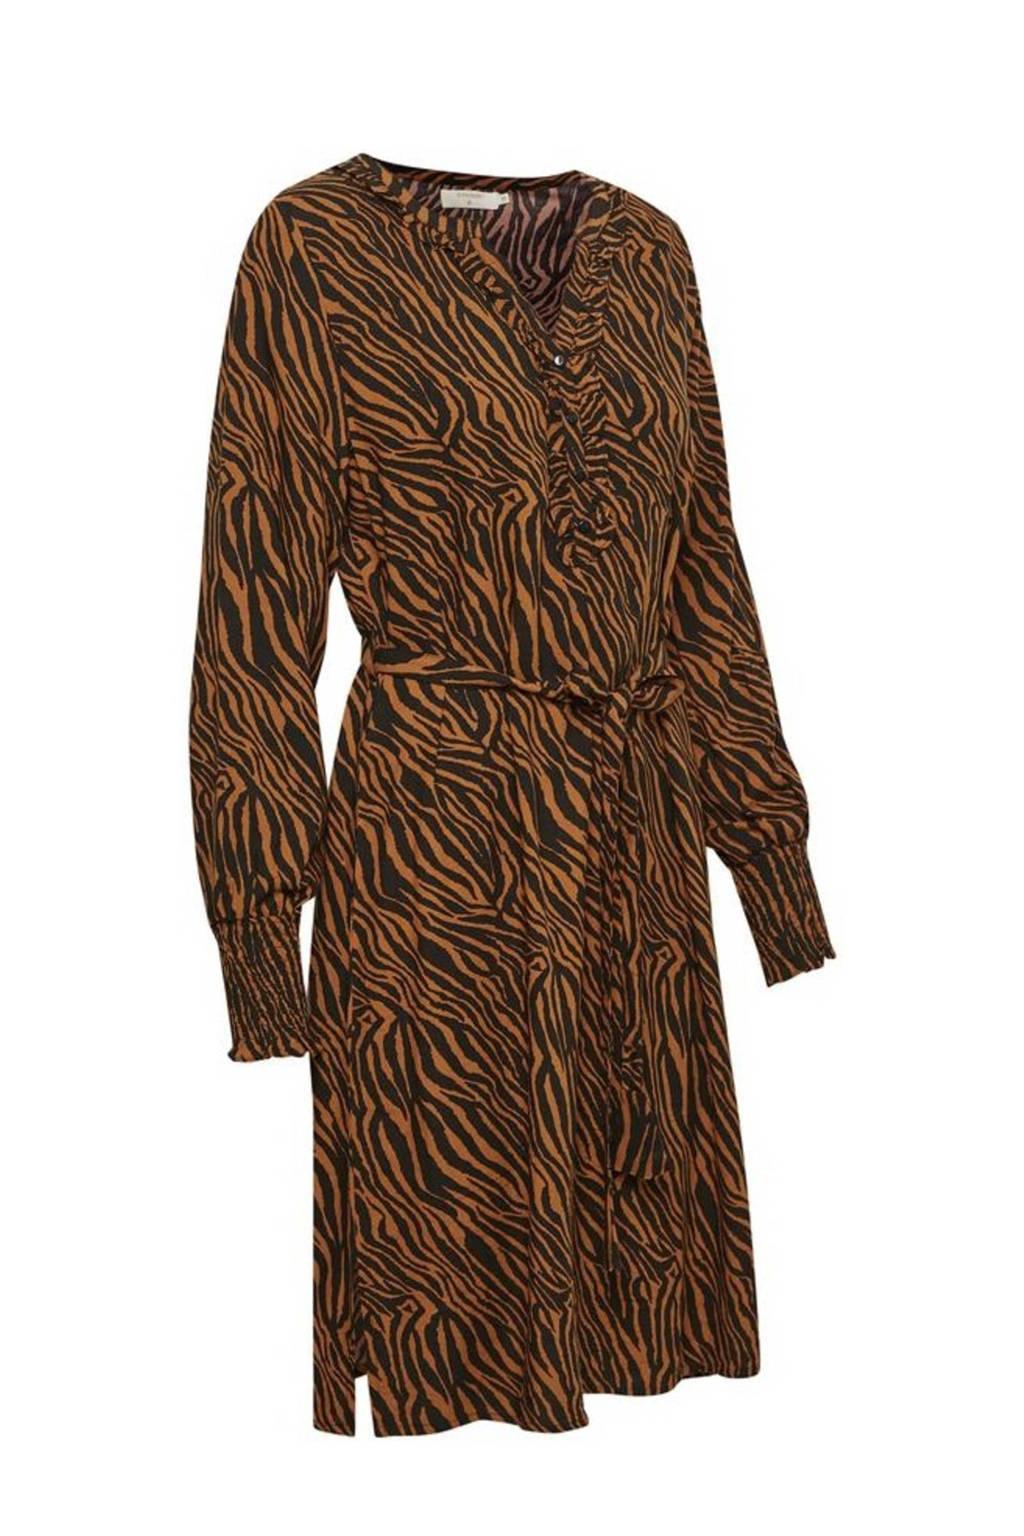 Cream blousejurk GivinaCR Dress met zebraprint geel, Geel